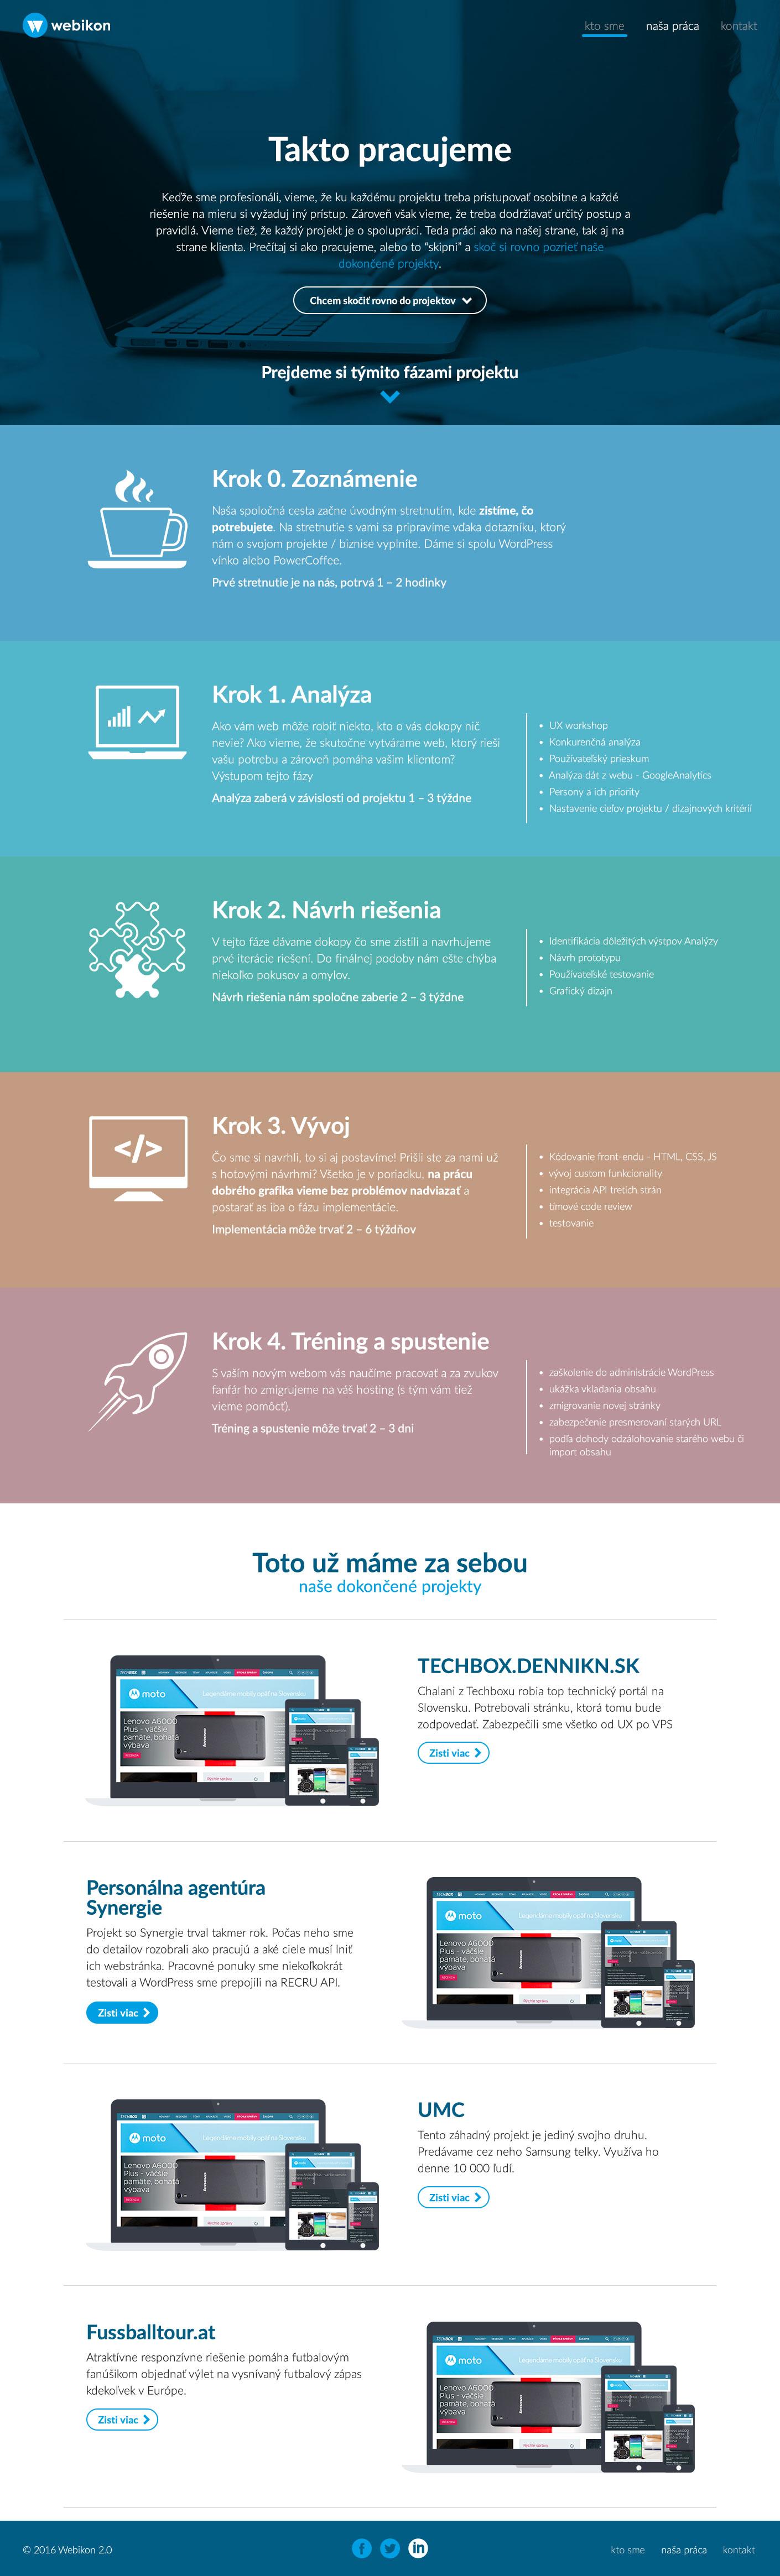 Webikon.sk - naša práca